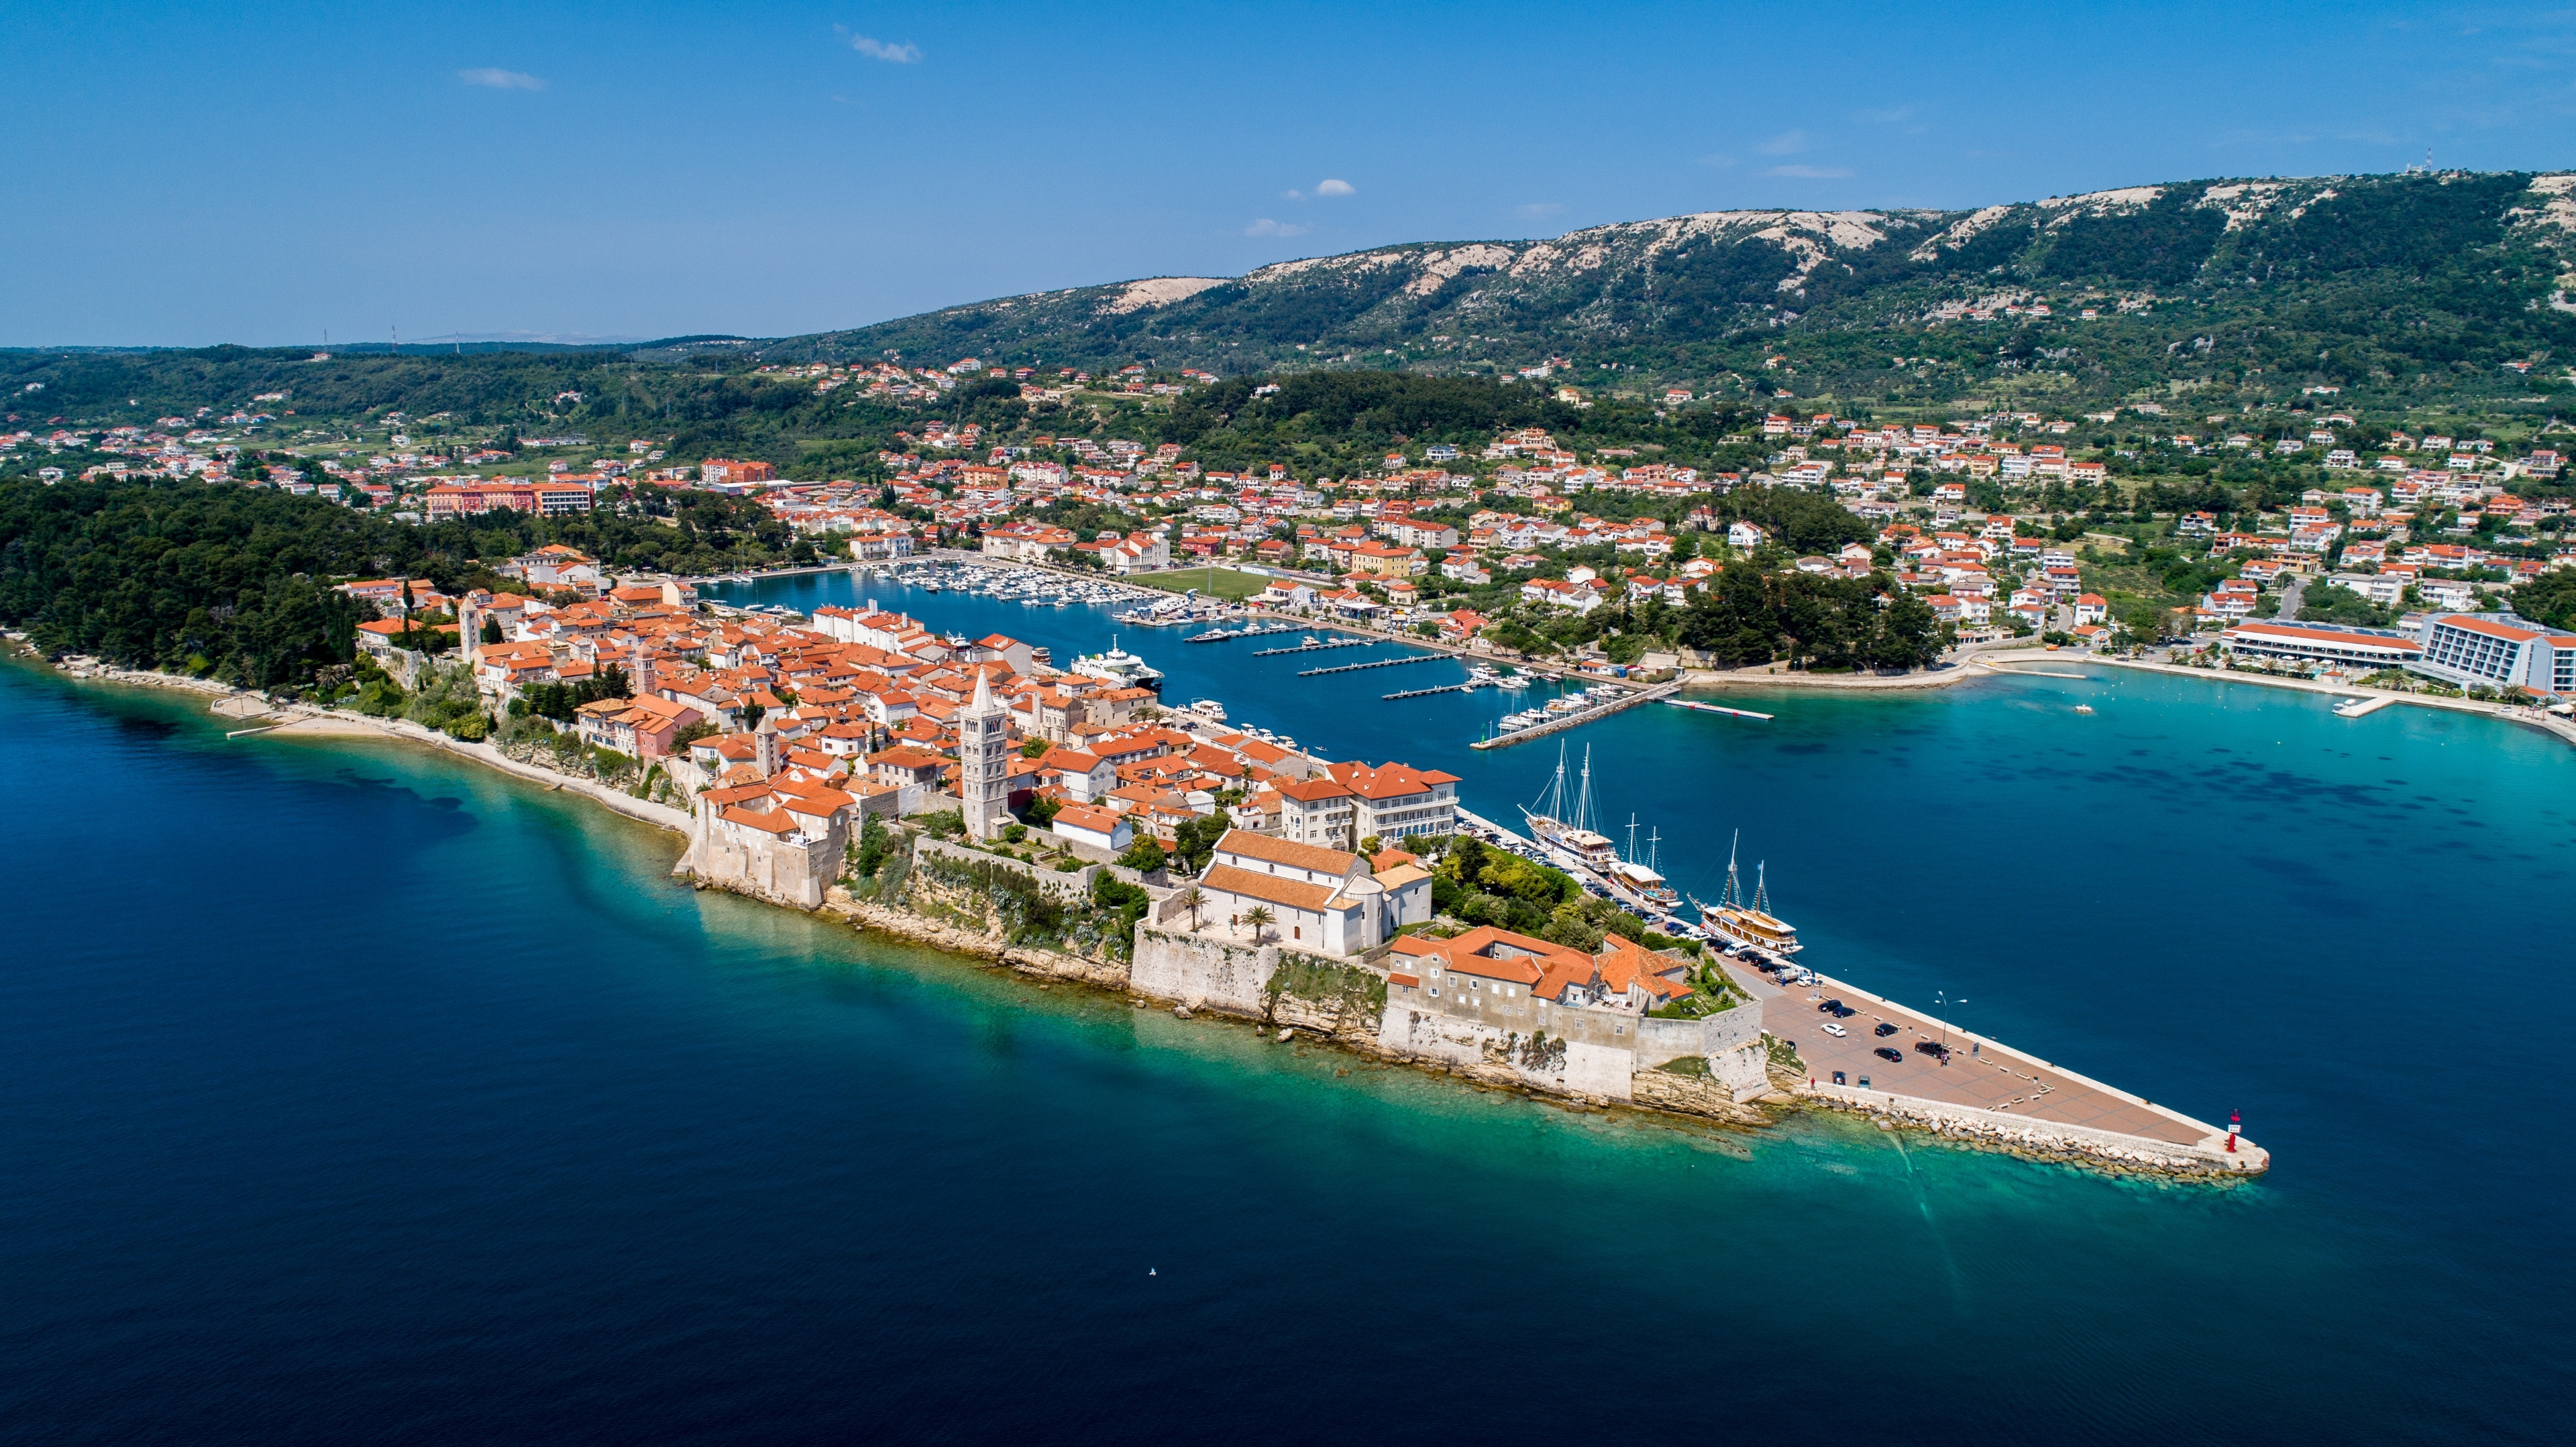 Municipality of Lopar-Supetarska Draga, Primorje-Gorski Kotar, Croatia